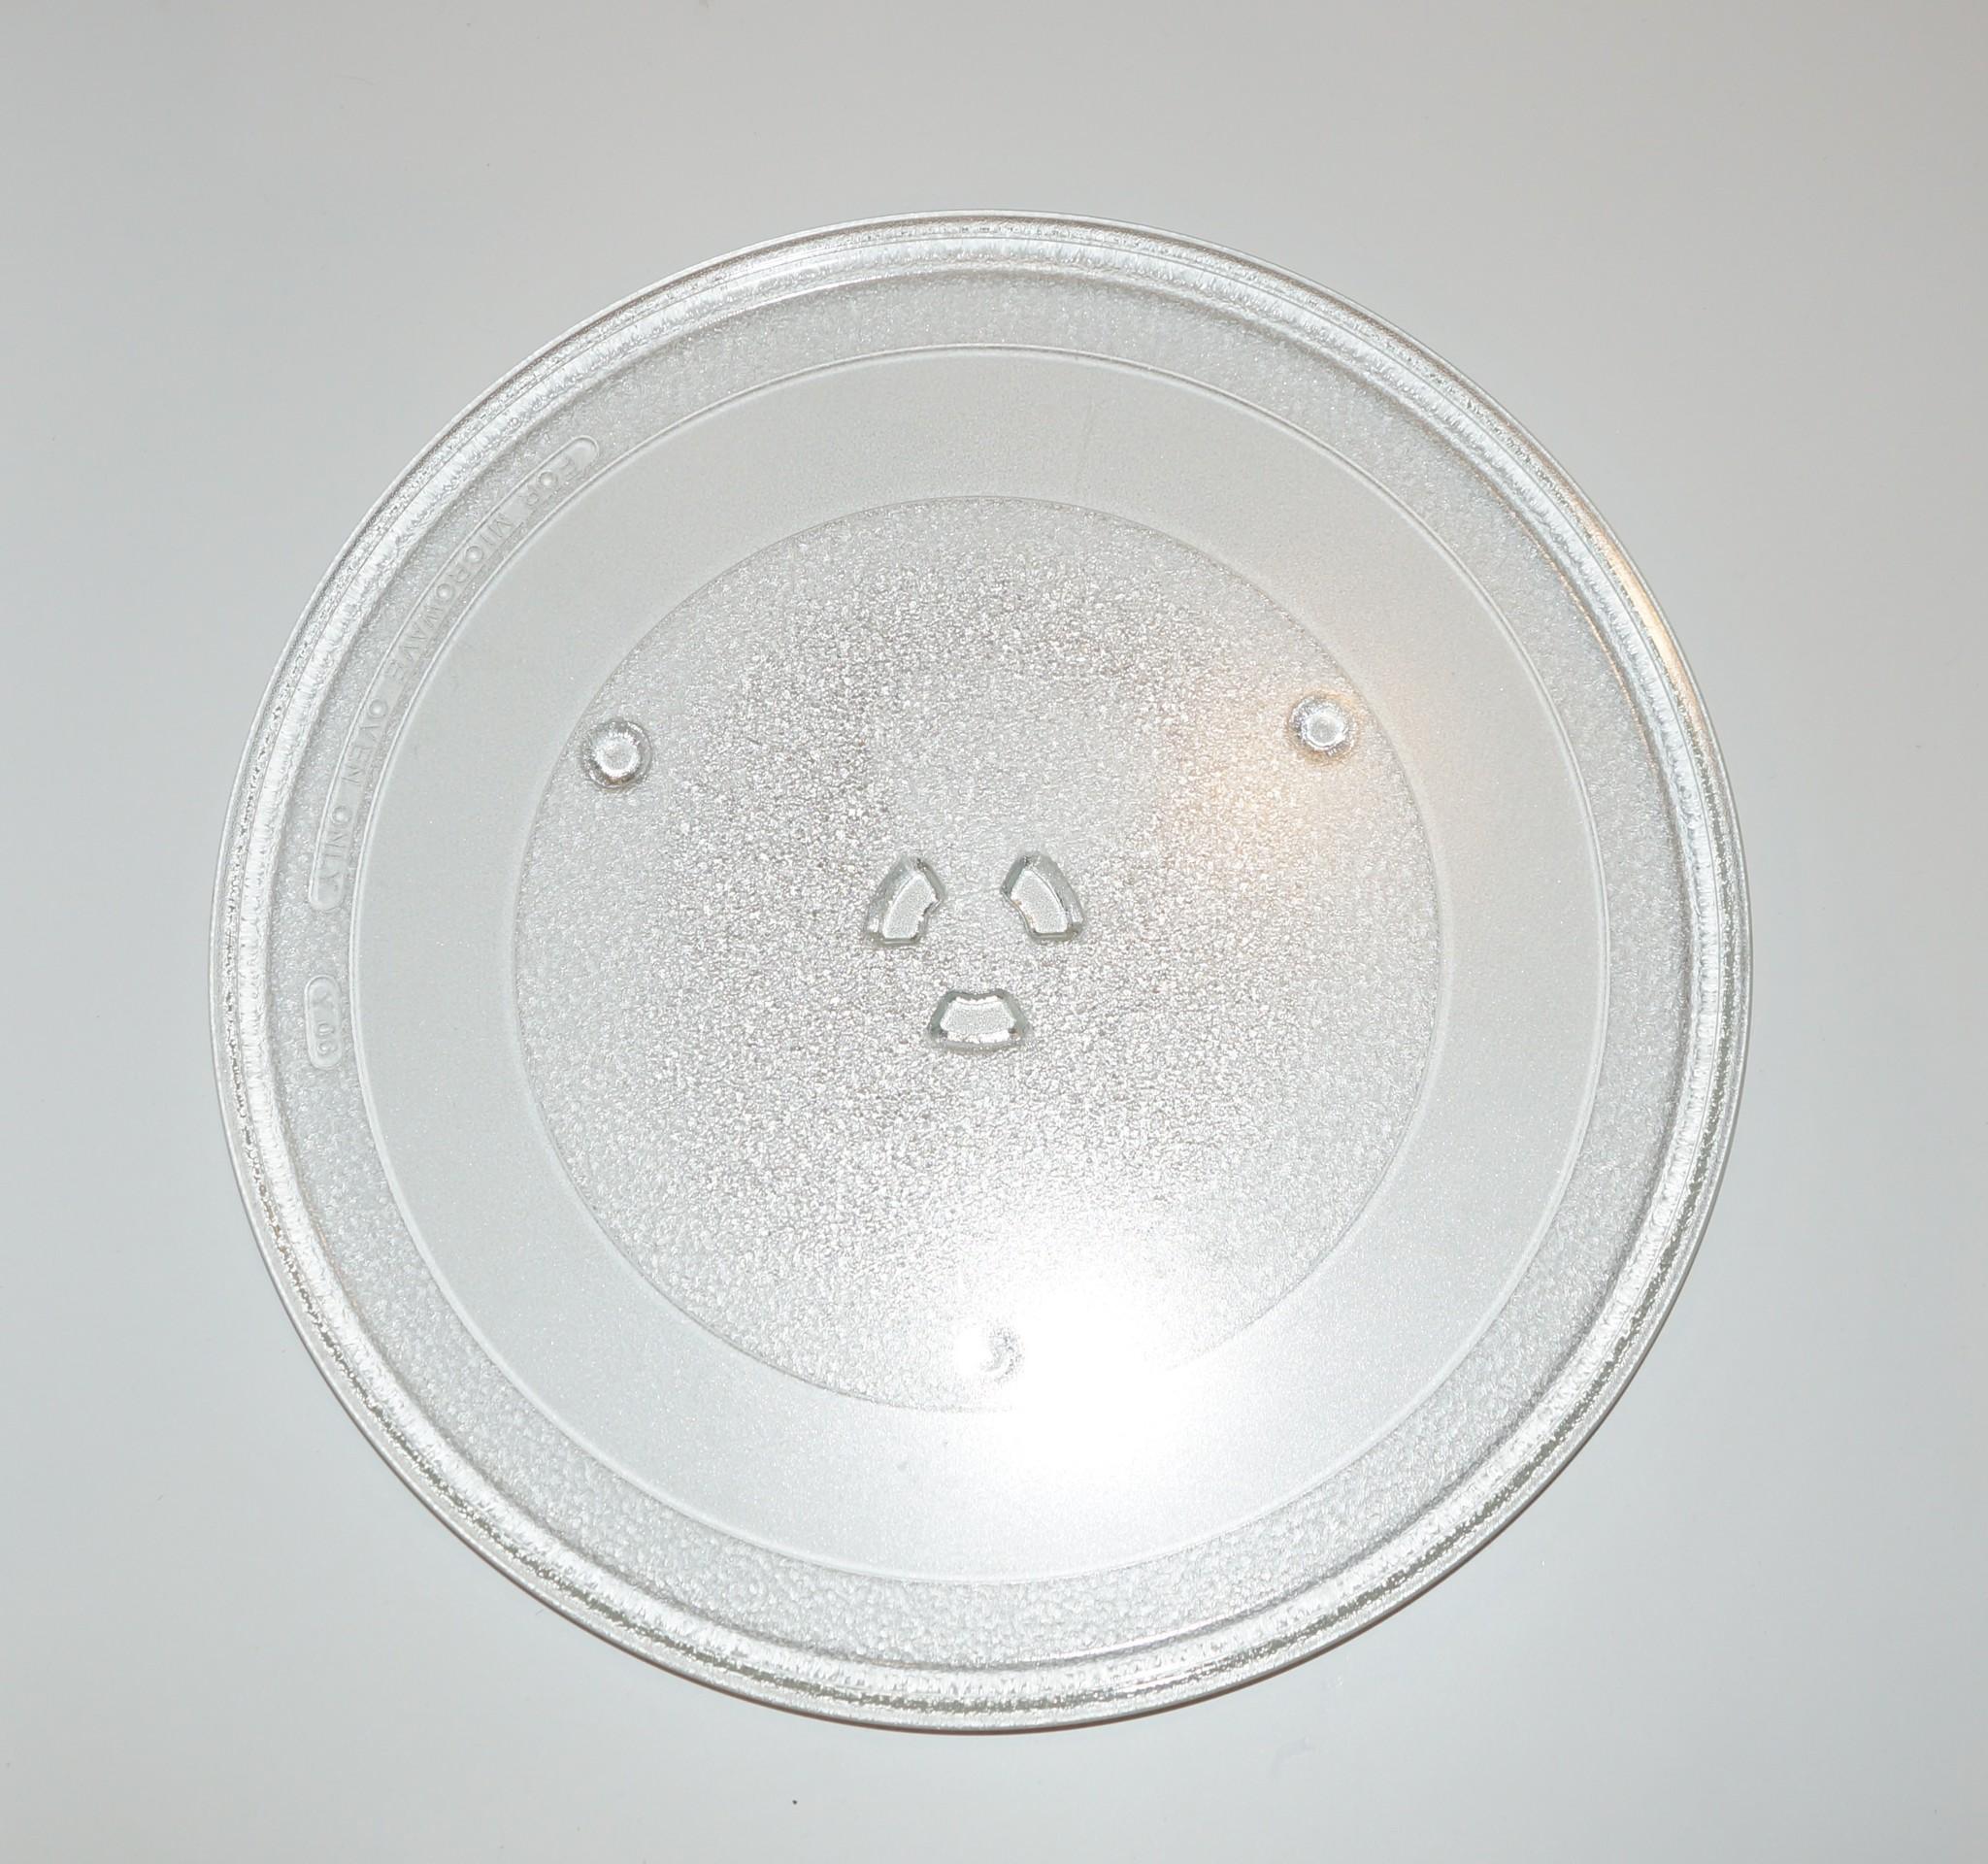 Тарелка (блюдо) для микроволновки Samsung D-345мм. DE74-20016Ac креплениями под коуплер